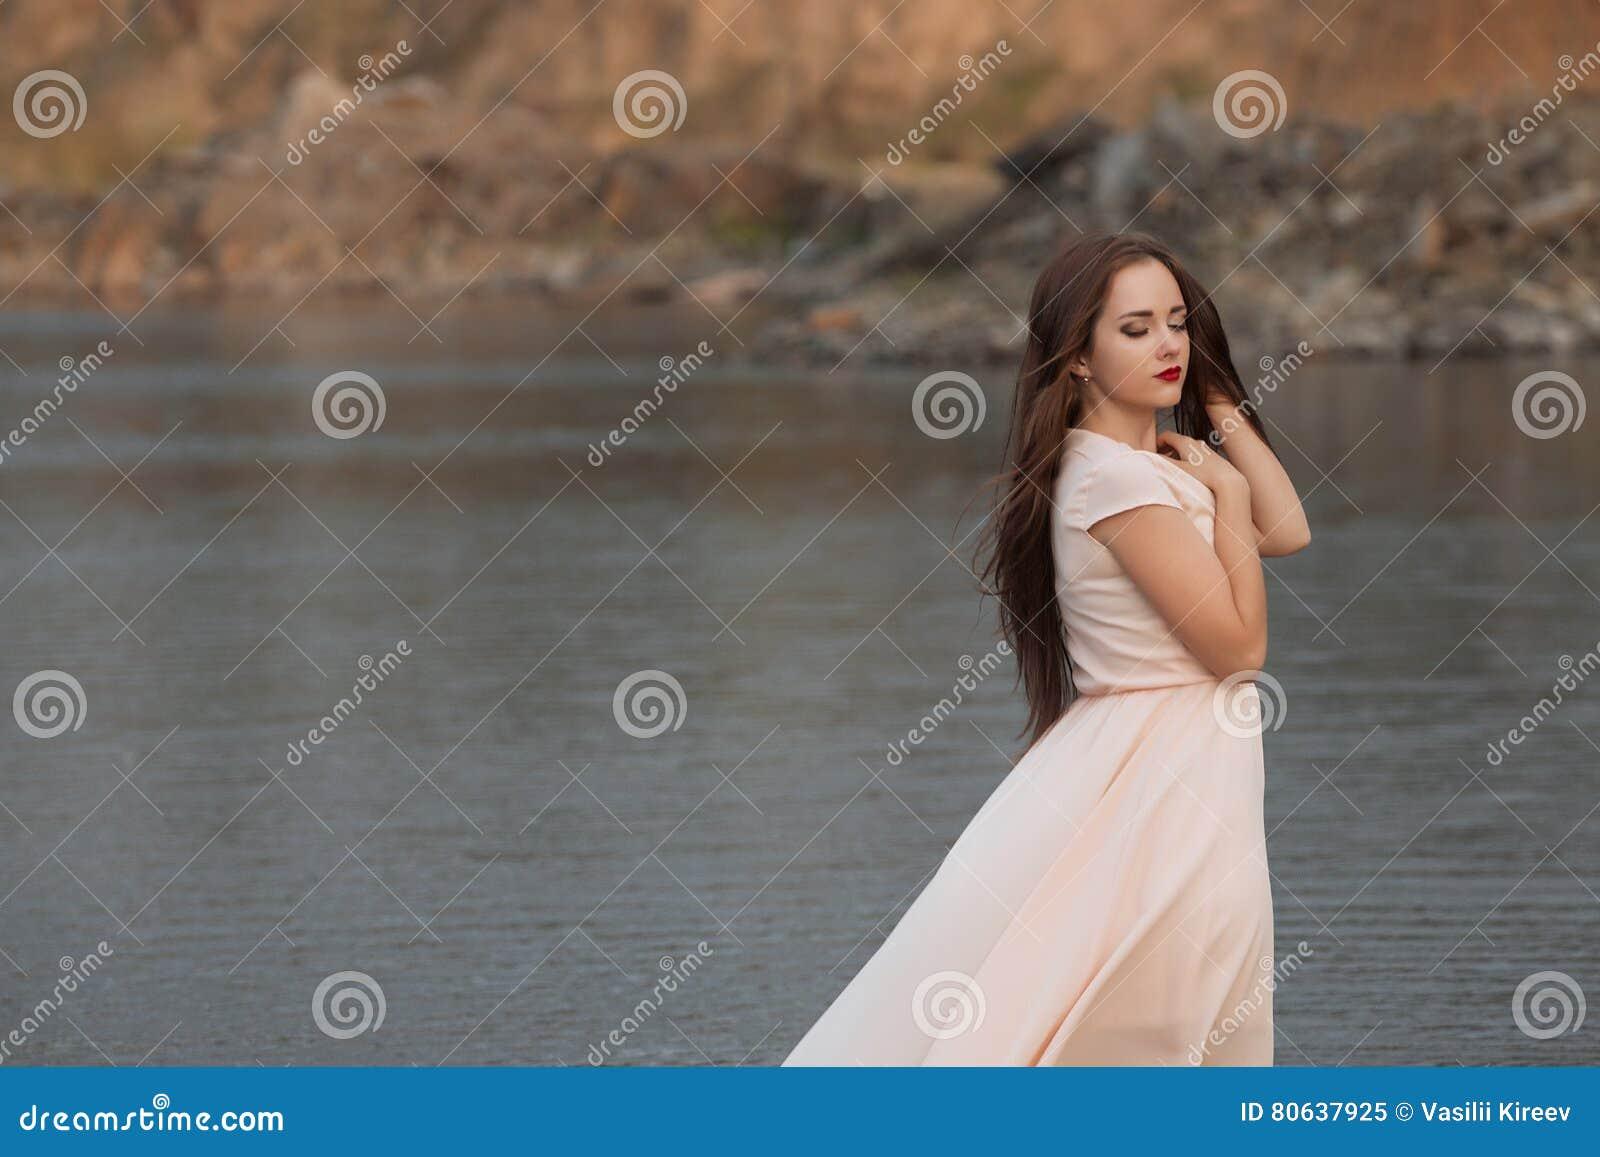 Ritratto di bella giovane donna con il fiore marrone lungo di rosa dei capelli che posa allo studio sopra fondo scuro